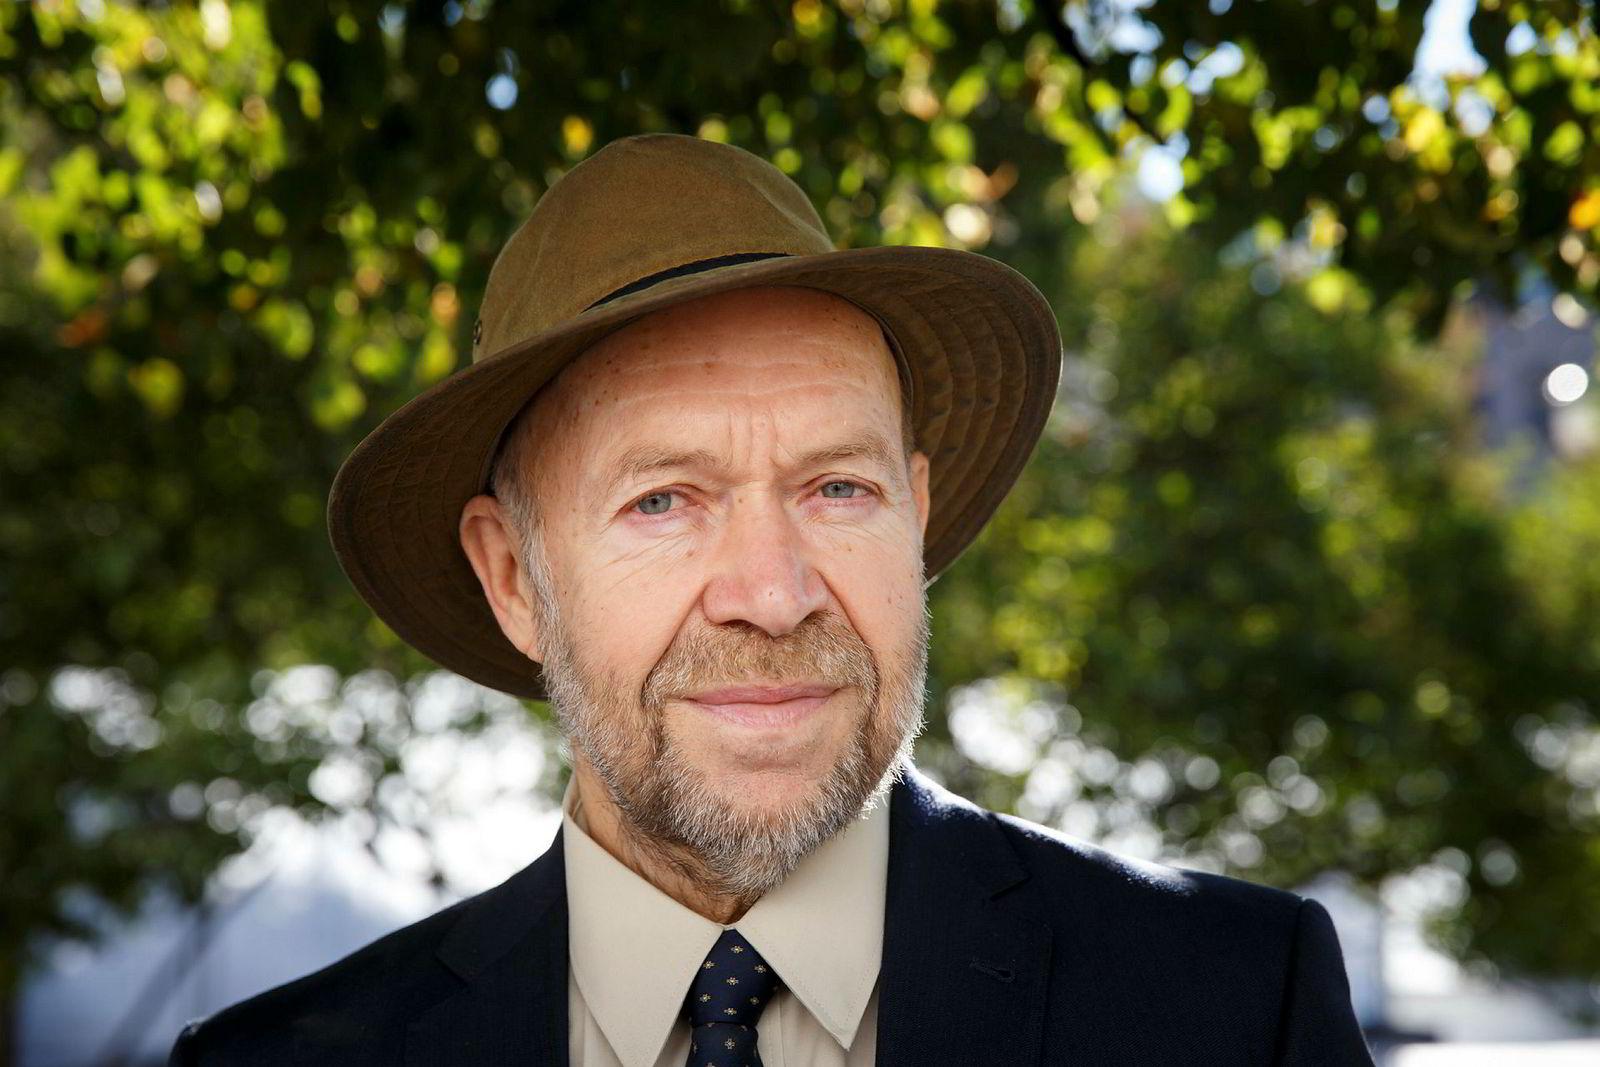 James Hansen har forsket på klimaendringer i 40 år og spilte en avgjørende rolle i å sette global oppvarming på dagsordenen på 1980-tallet.